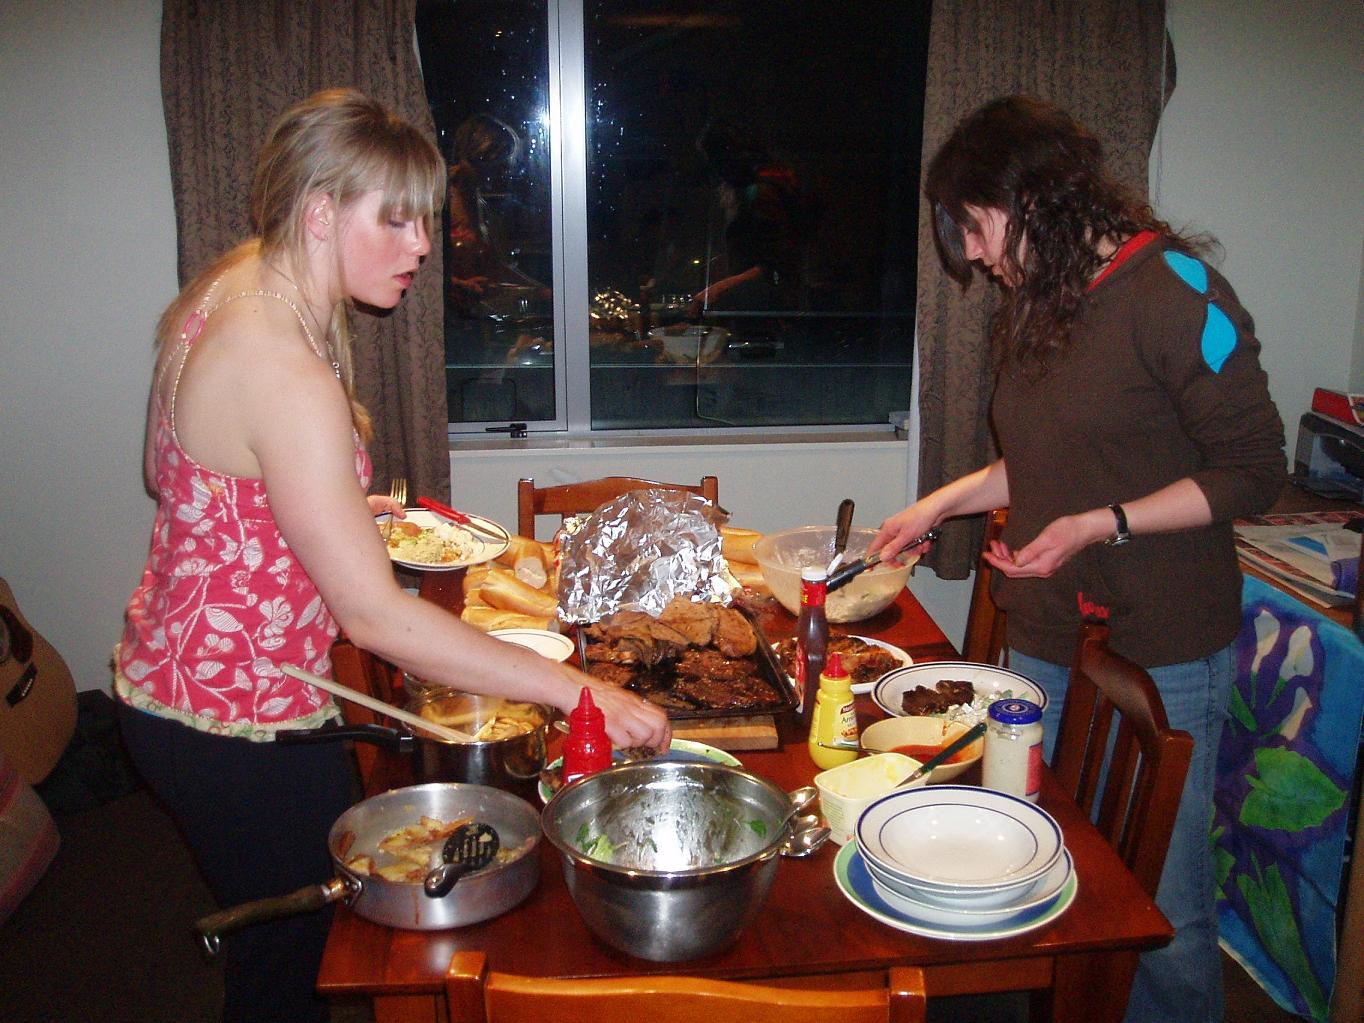 Charmaine und Amy riechen den Braten